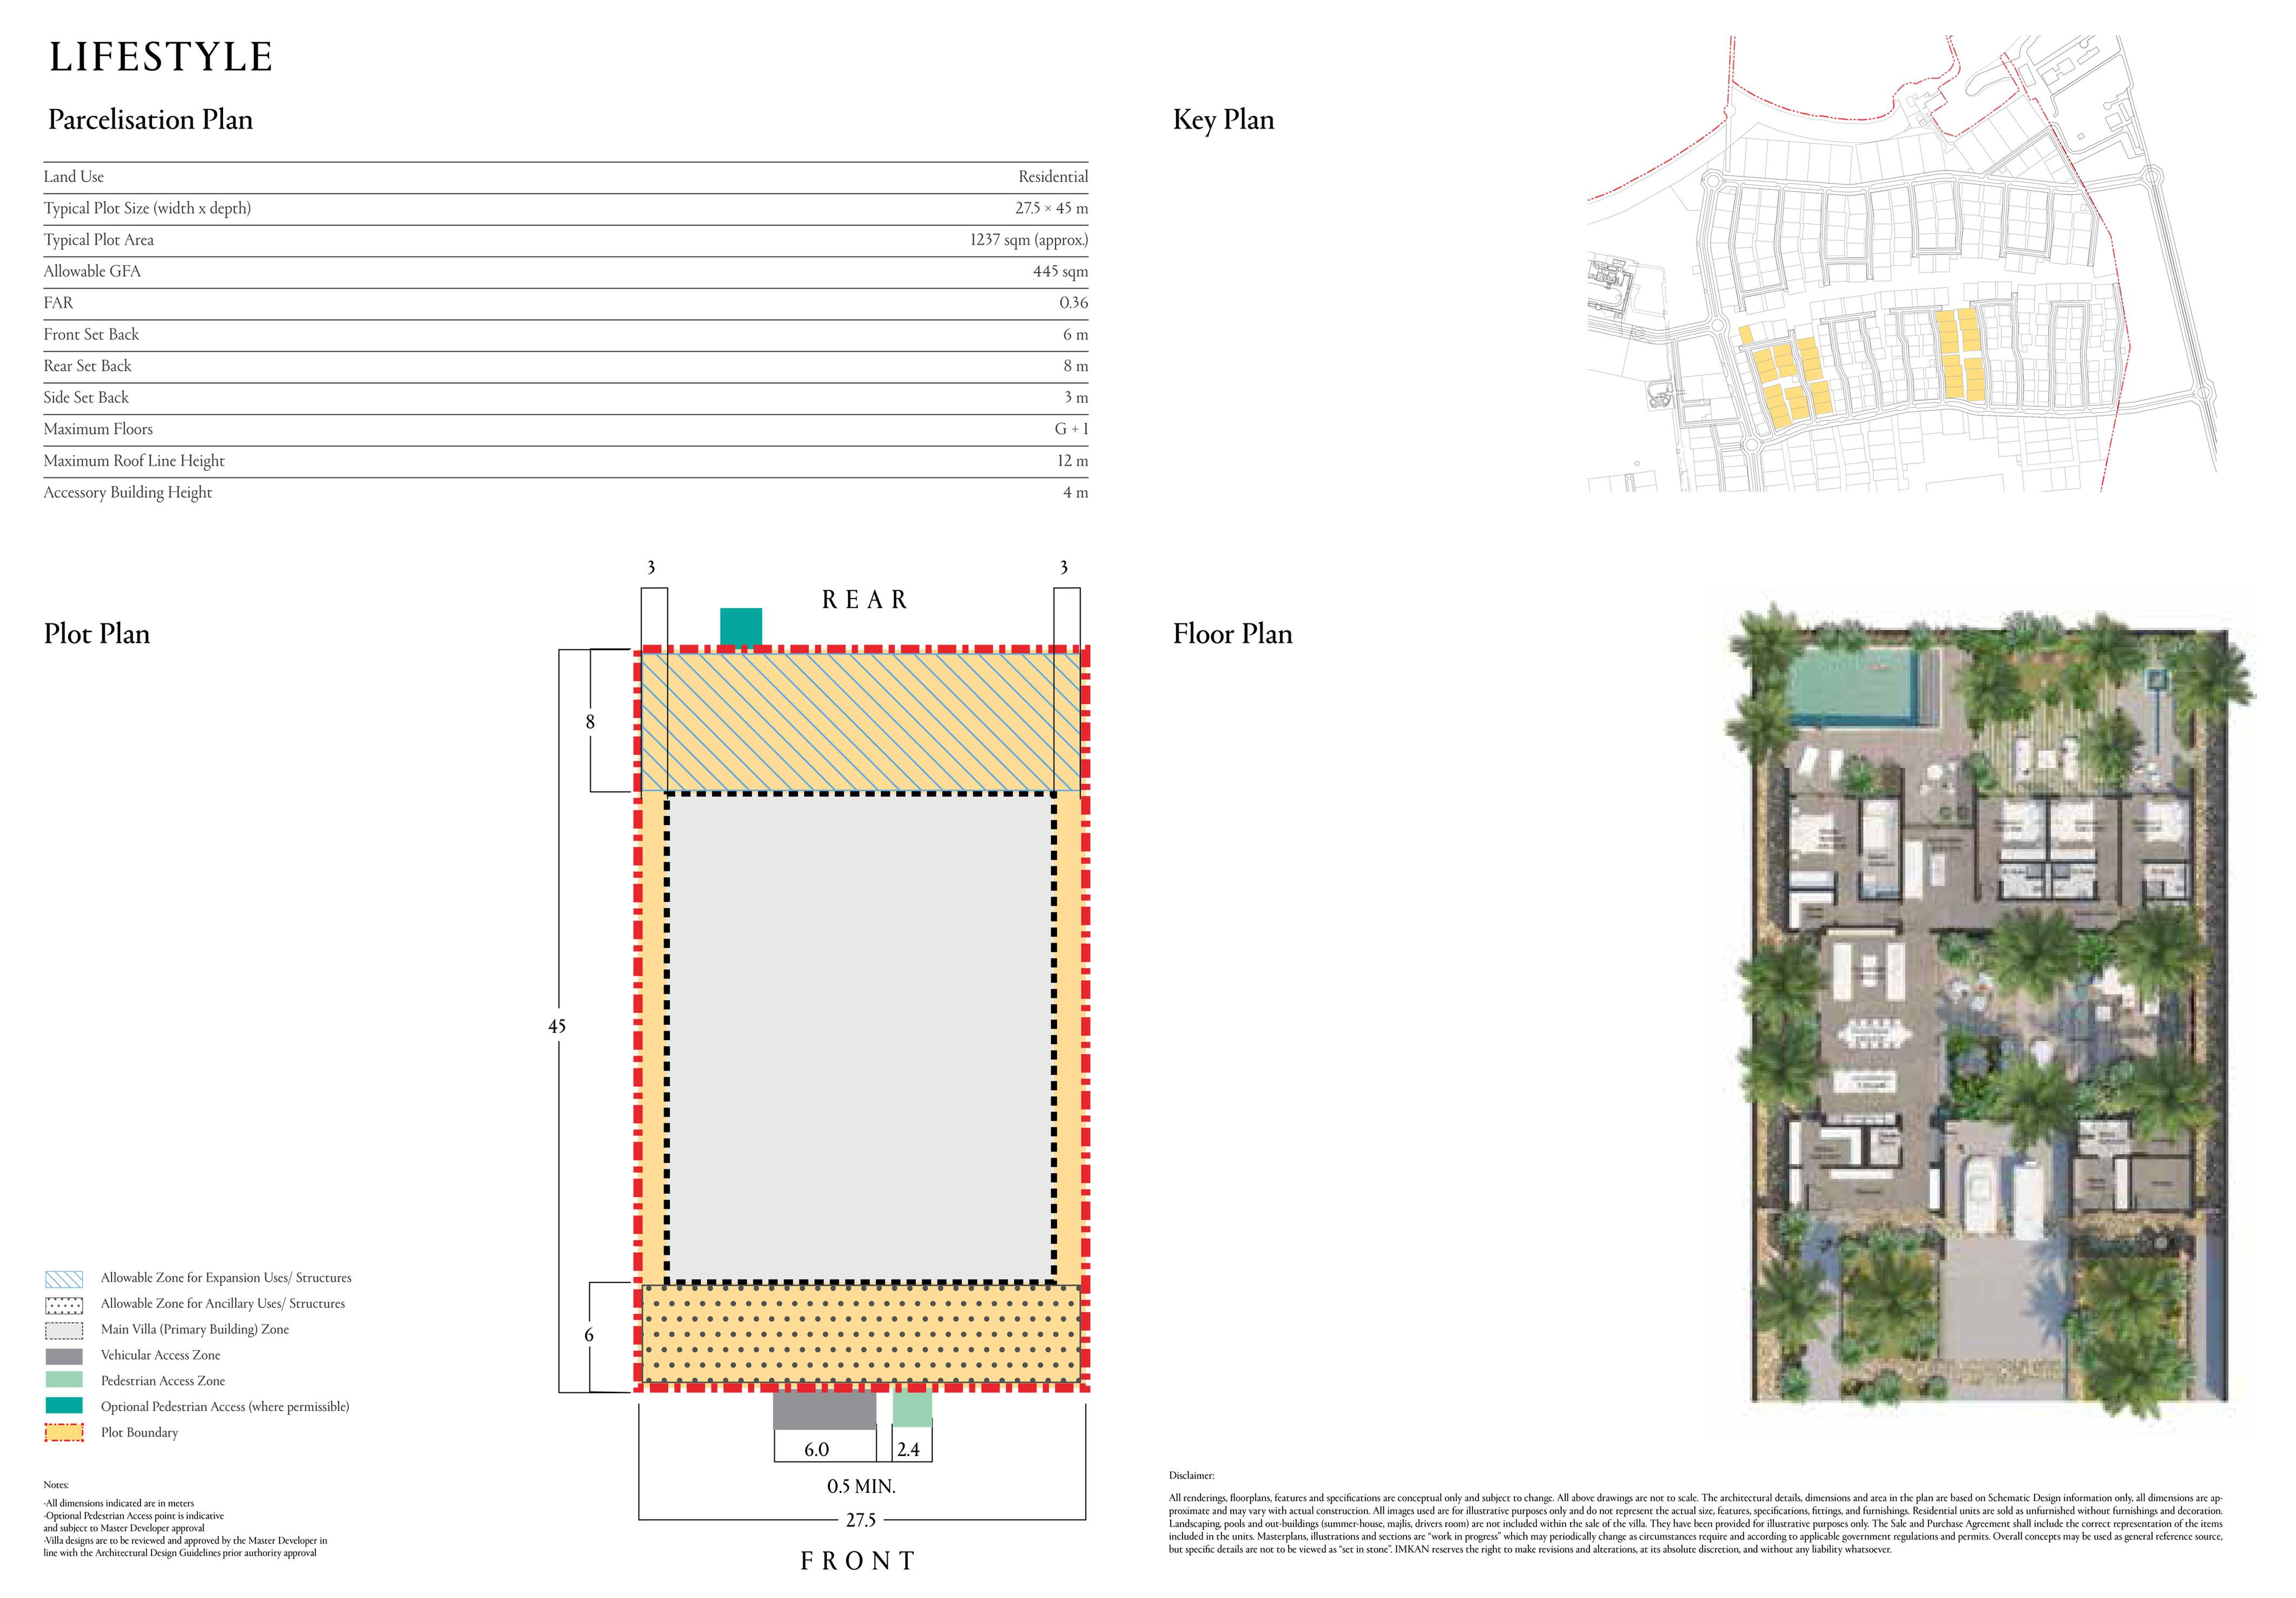 حجم القطعة النموذجية 1237 متر مربع (45 × 27.5 مترًا)